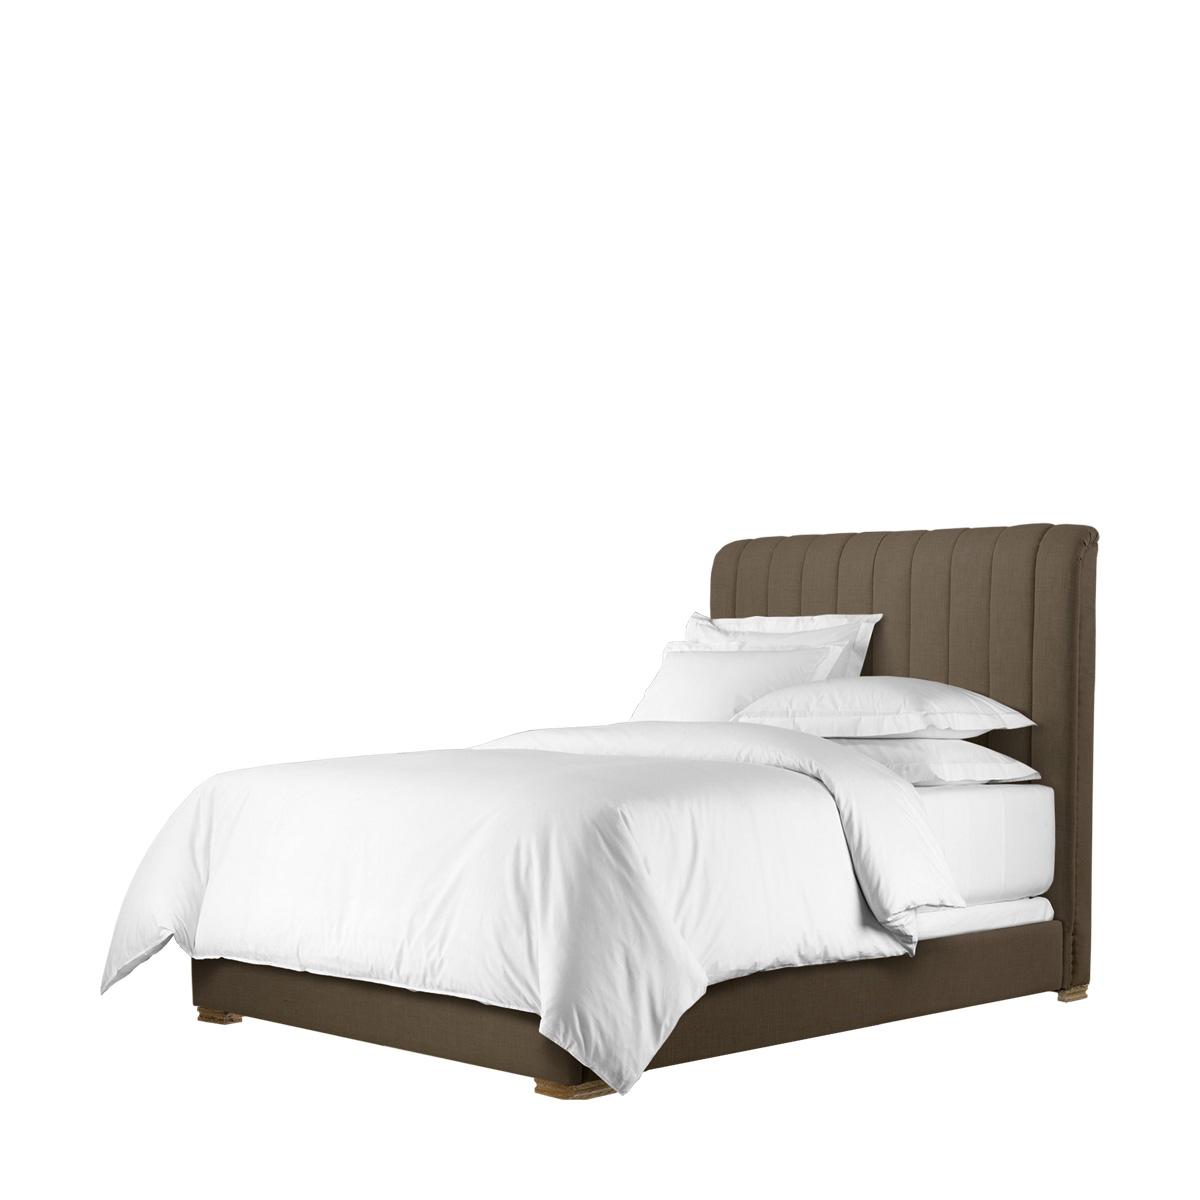 Кровать HARLAN QUEEN BED WITH FRAME-0